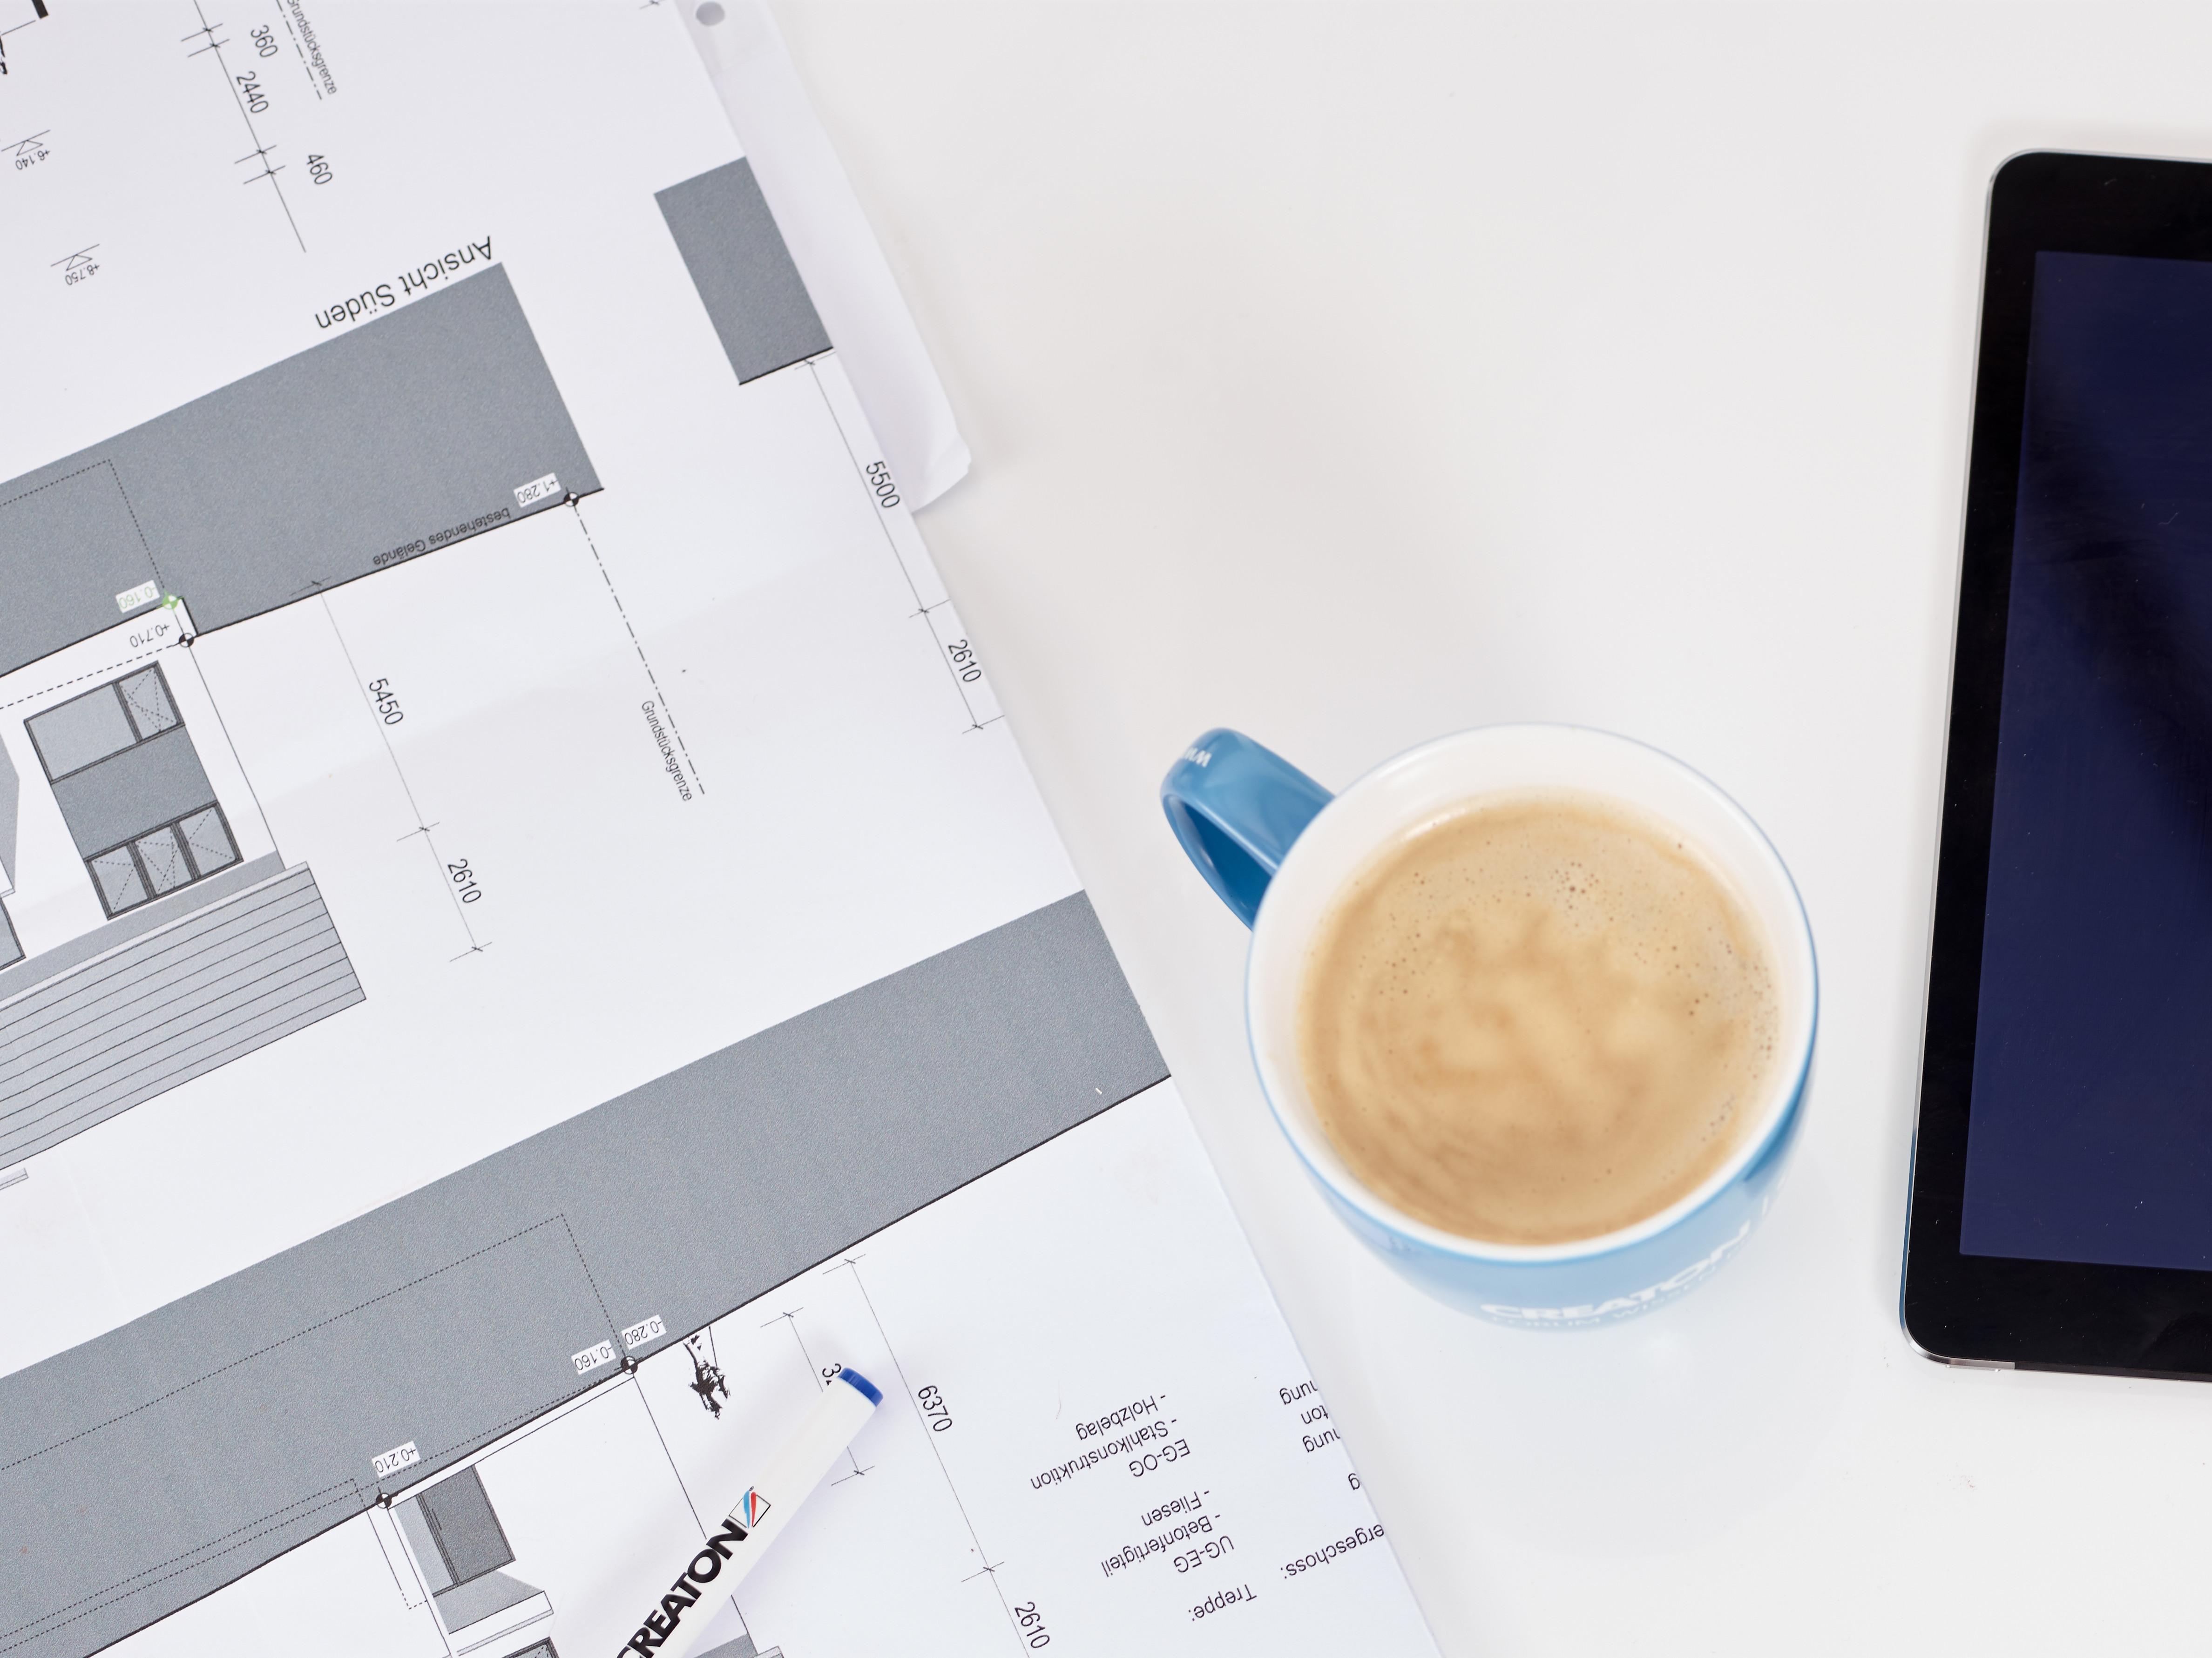 Schreibtisch mit Kaffee